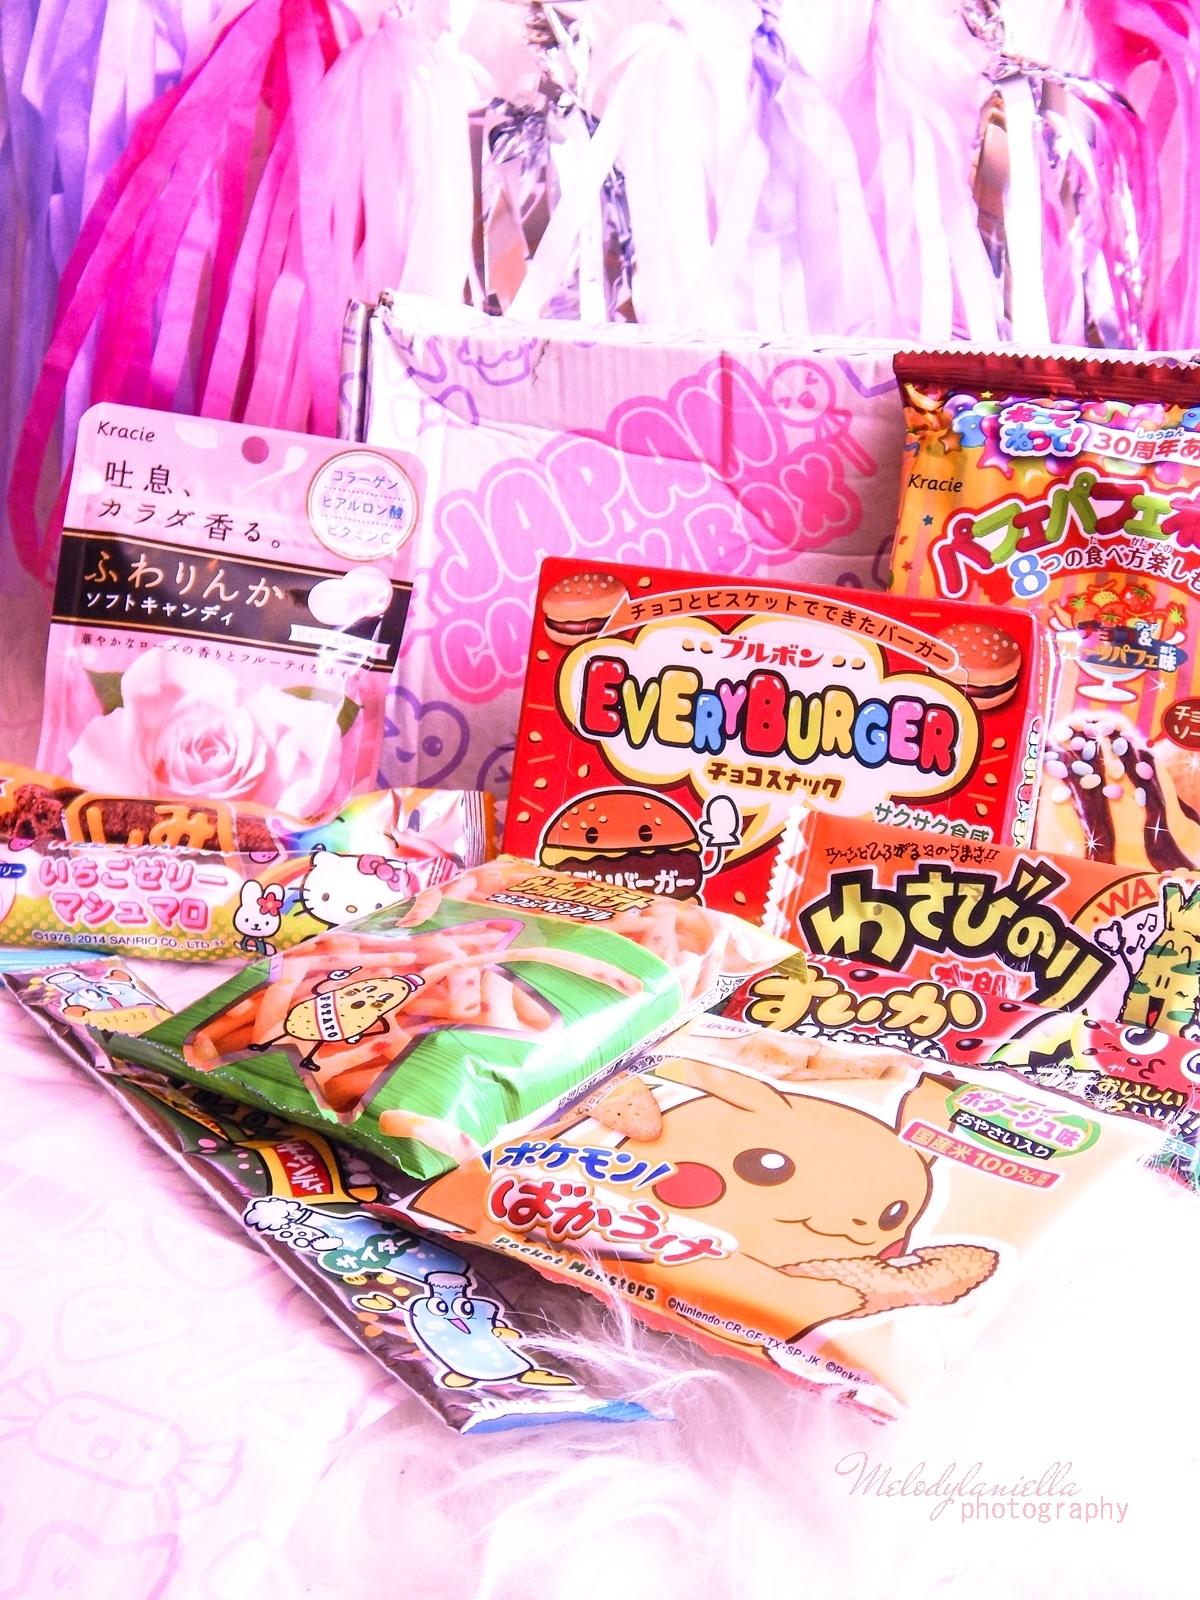 13 melodylaniella photography partybox japan candy box pudełko pełne słodkości z japonii azjatyckie słodycze ciekawe jedzenie z japonii cukierki z azji boxy z jedzeniem candy japan marschmallows